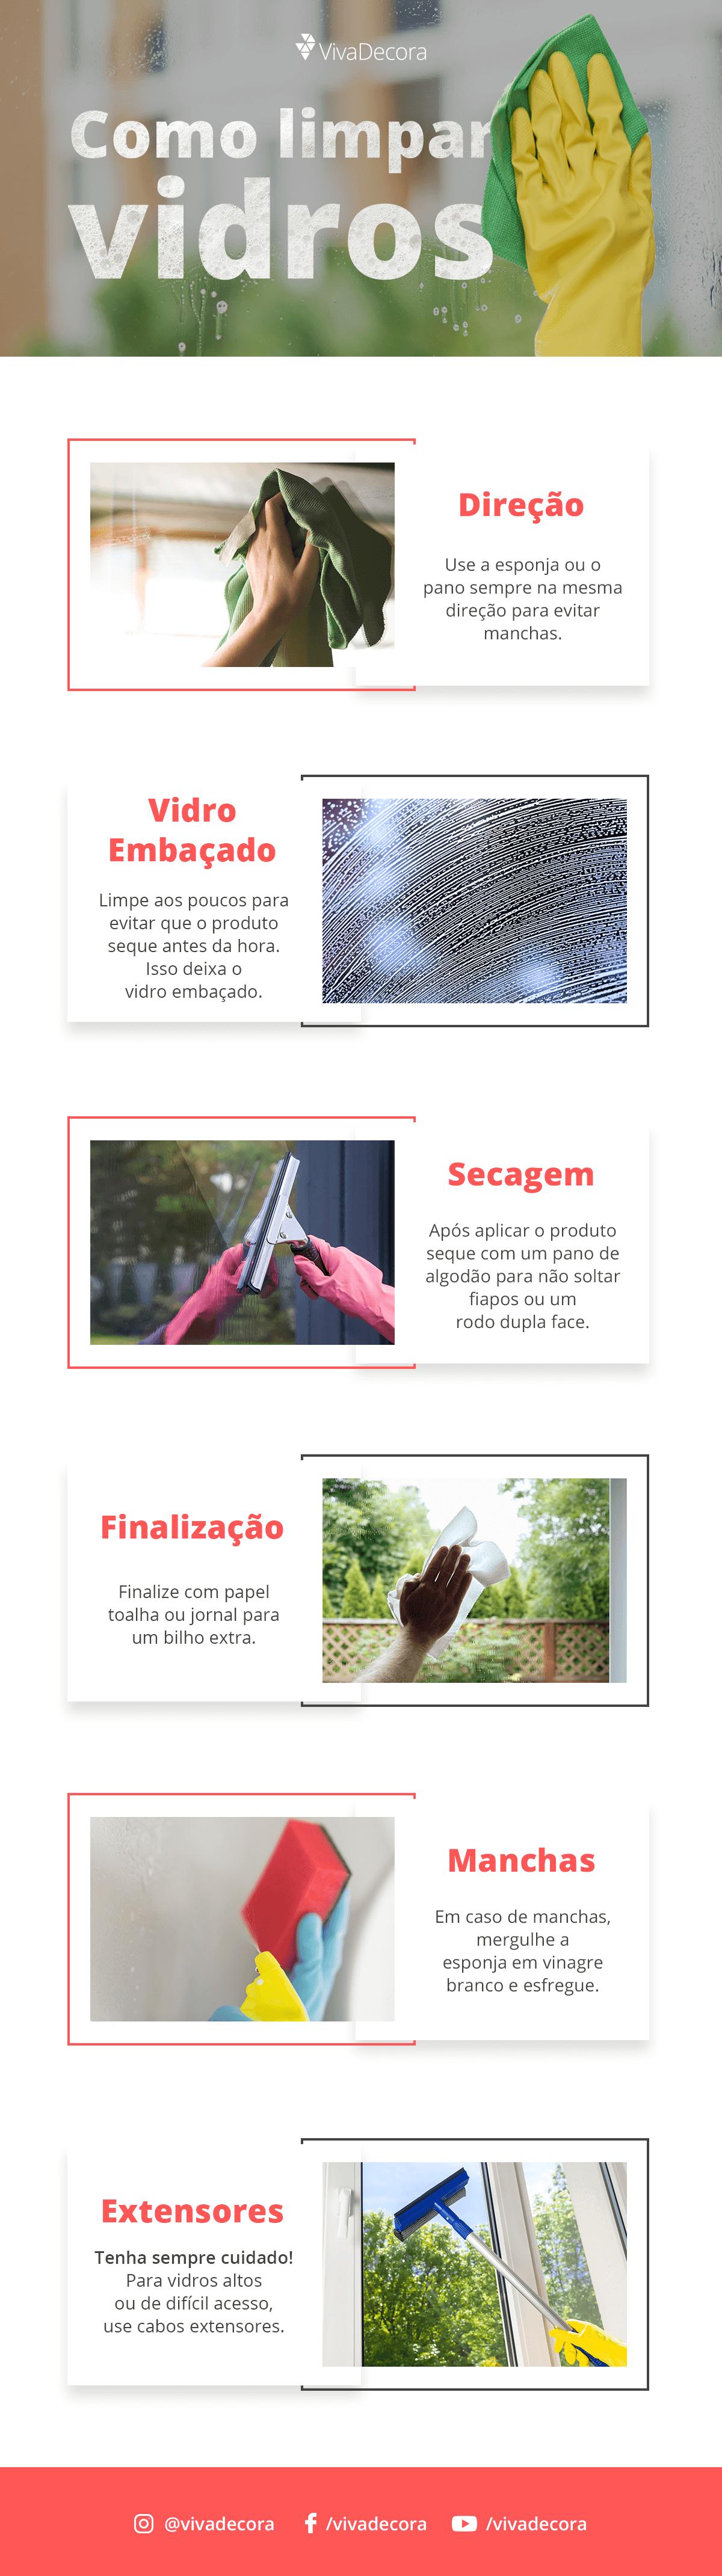 Infográfico - Como limpar vidros